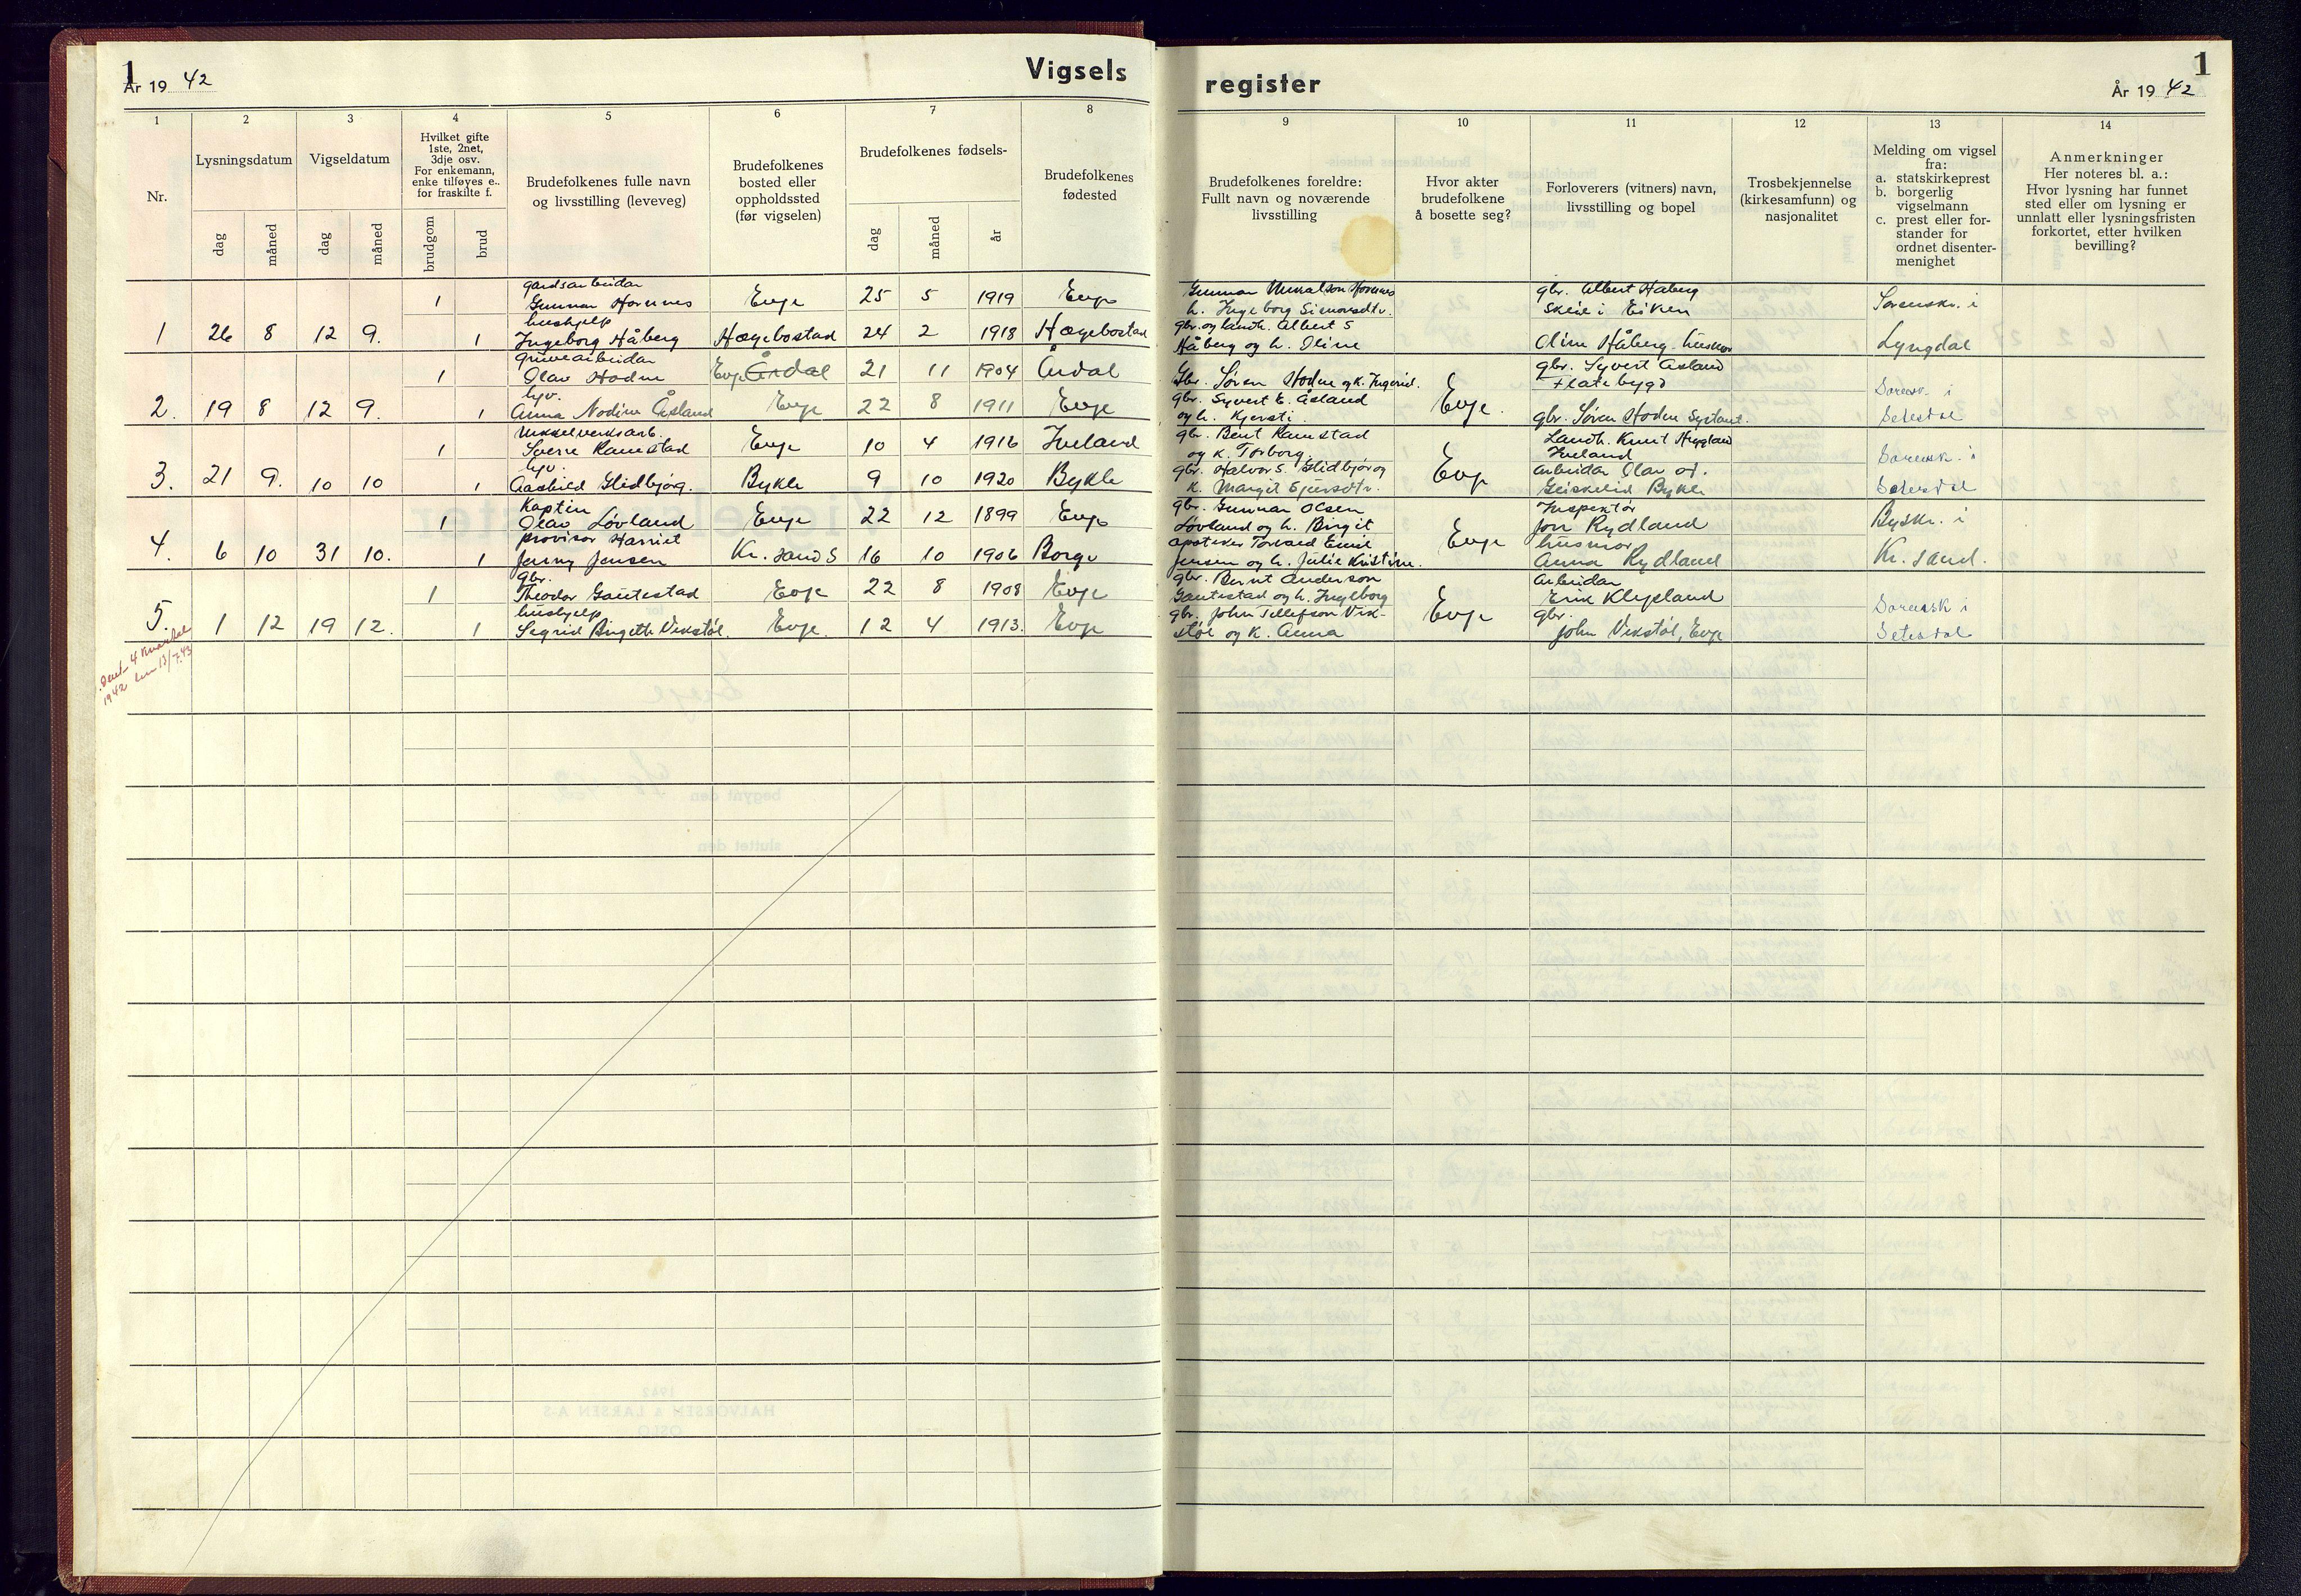 SAK, Evje sokneprestkontor, J/Je/L0004: Vigselsregister nr. II.6.4, 1942-1945, s. 1